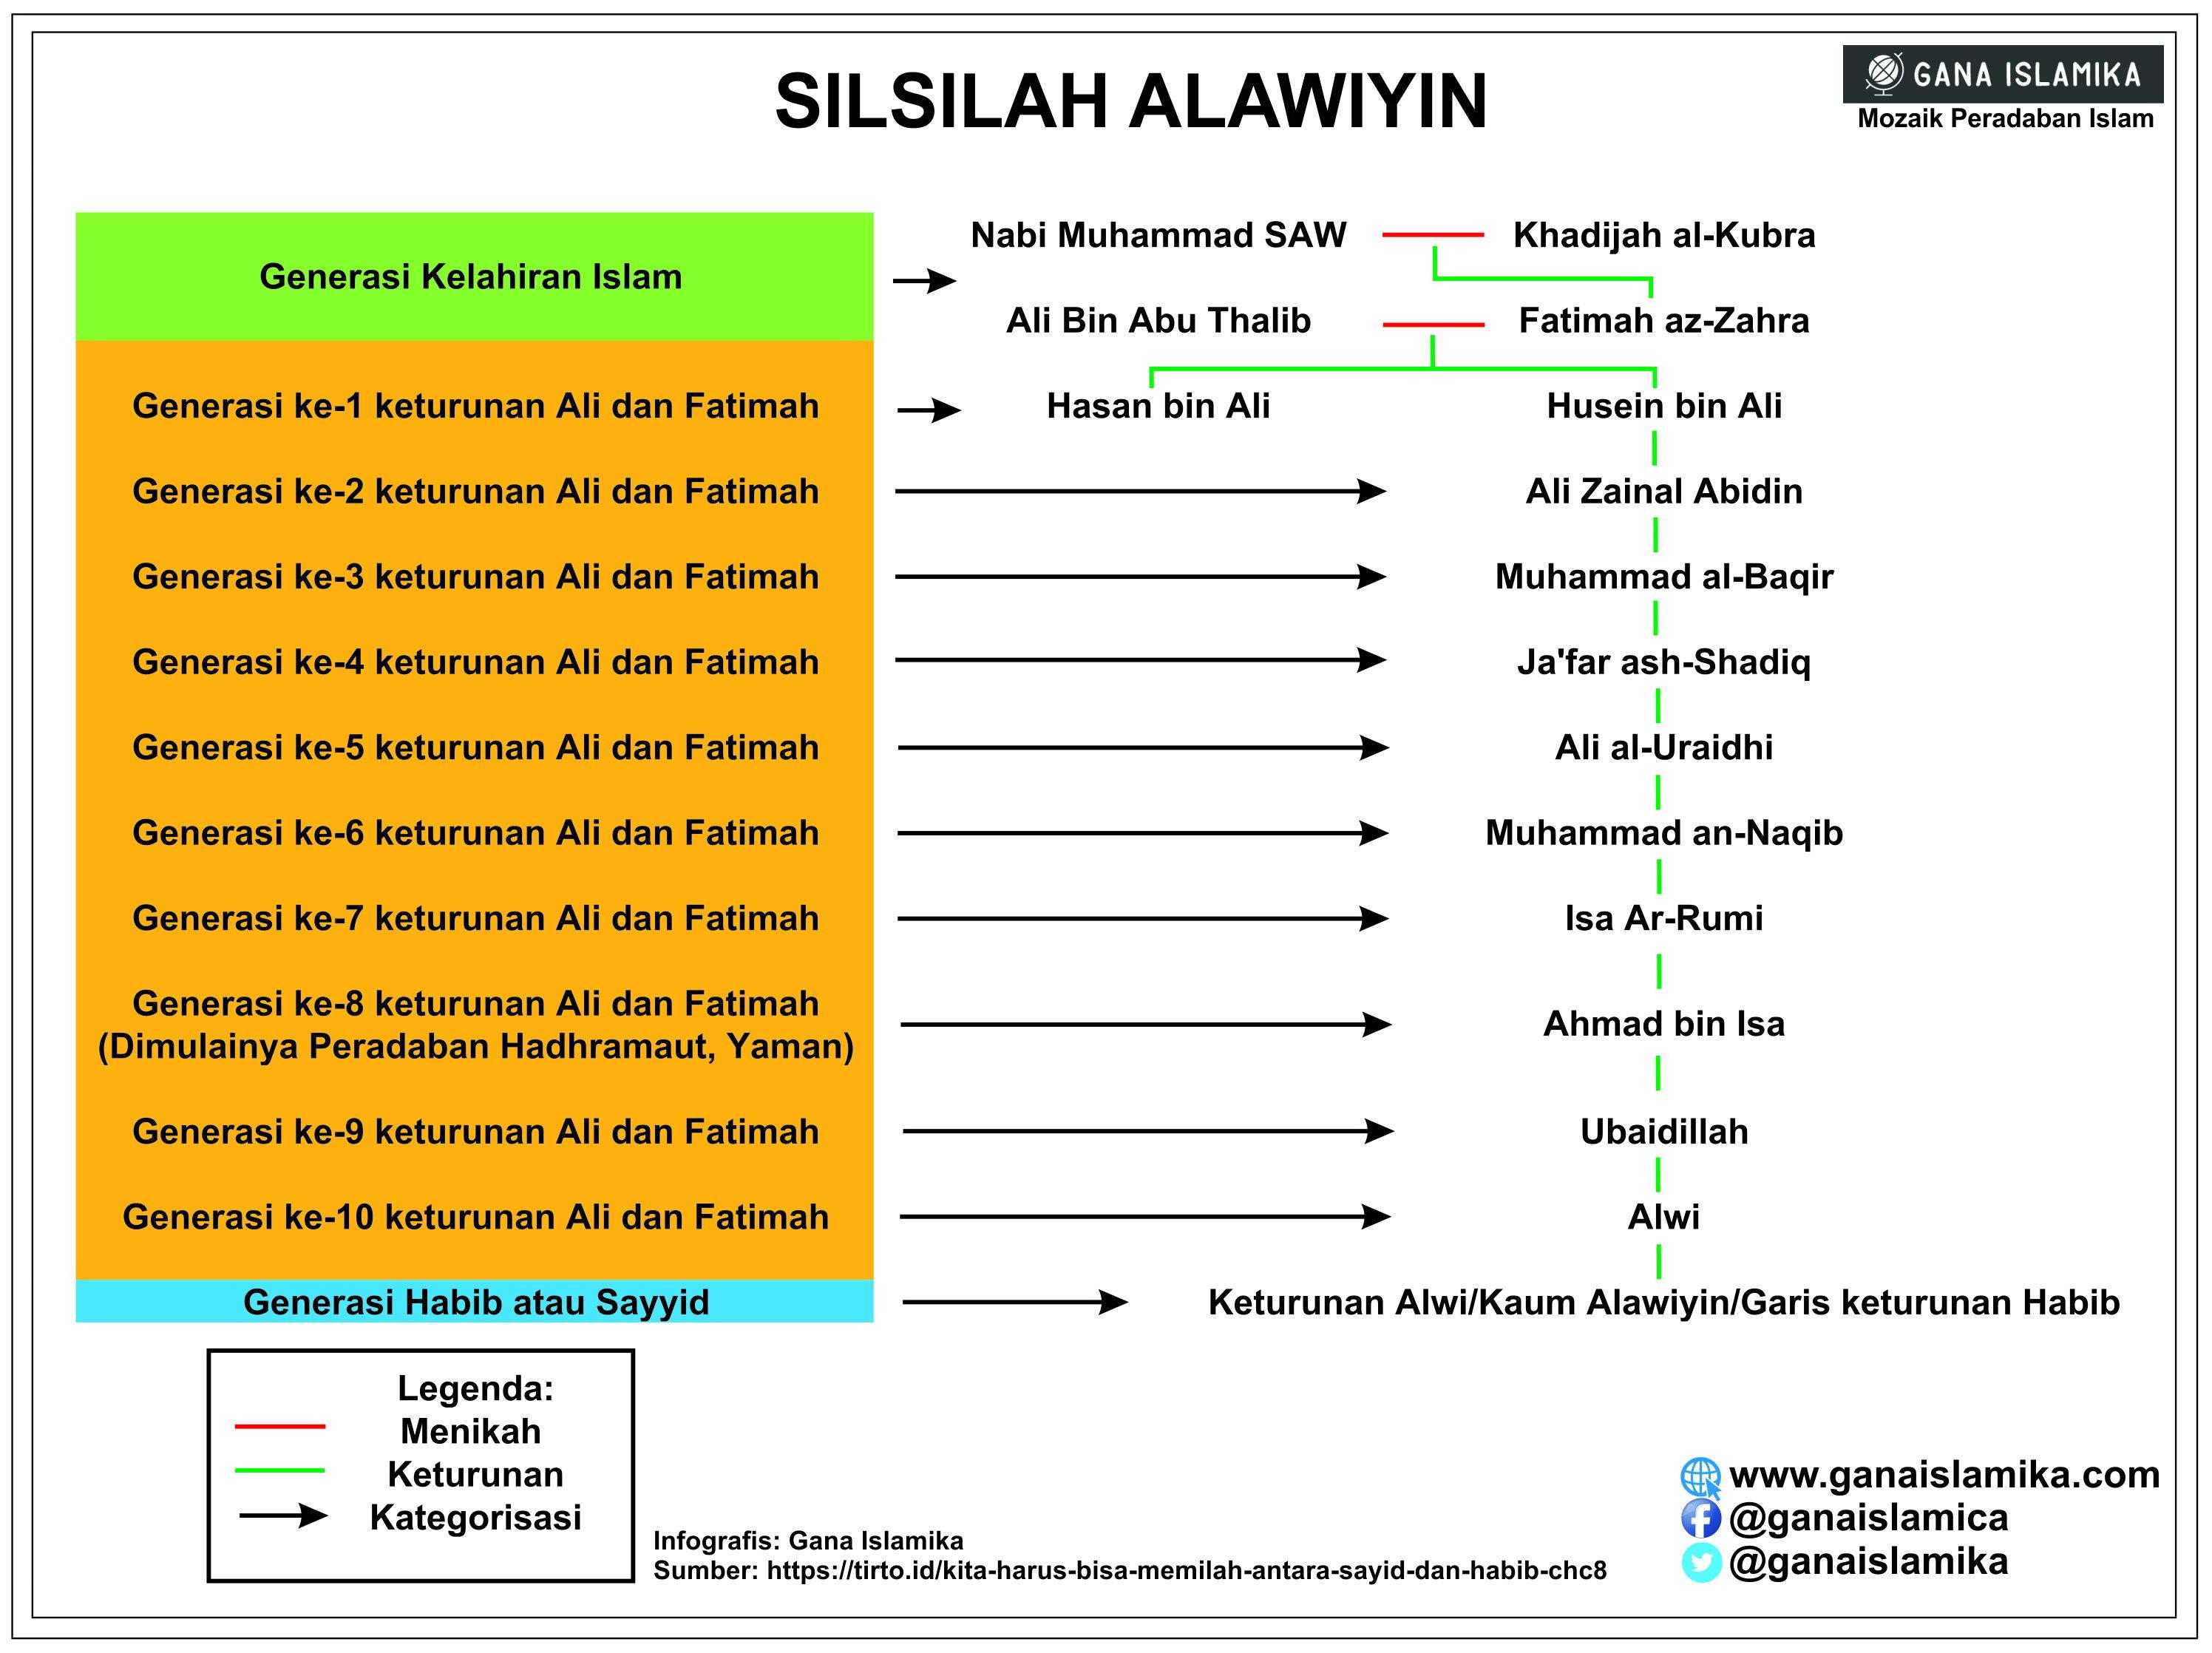 Melacak Asal Usul Habib di Indonesia 1 Siapakah Habib